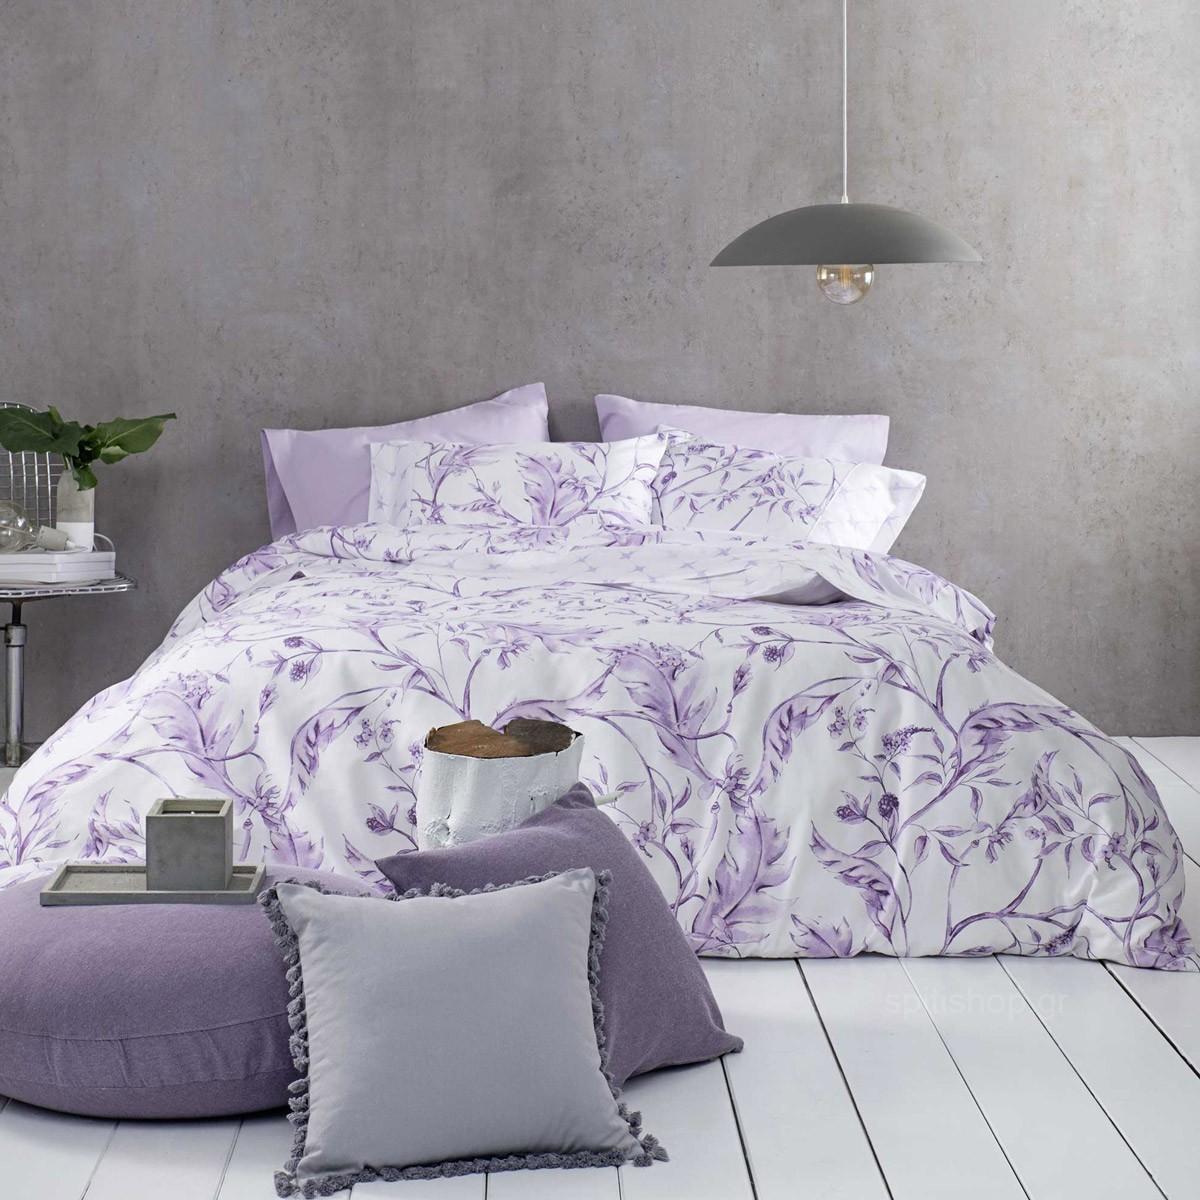 Σεντόνια King Size (Σετ) Nima Bed Linen Oriana Pink